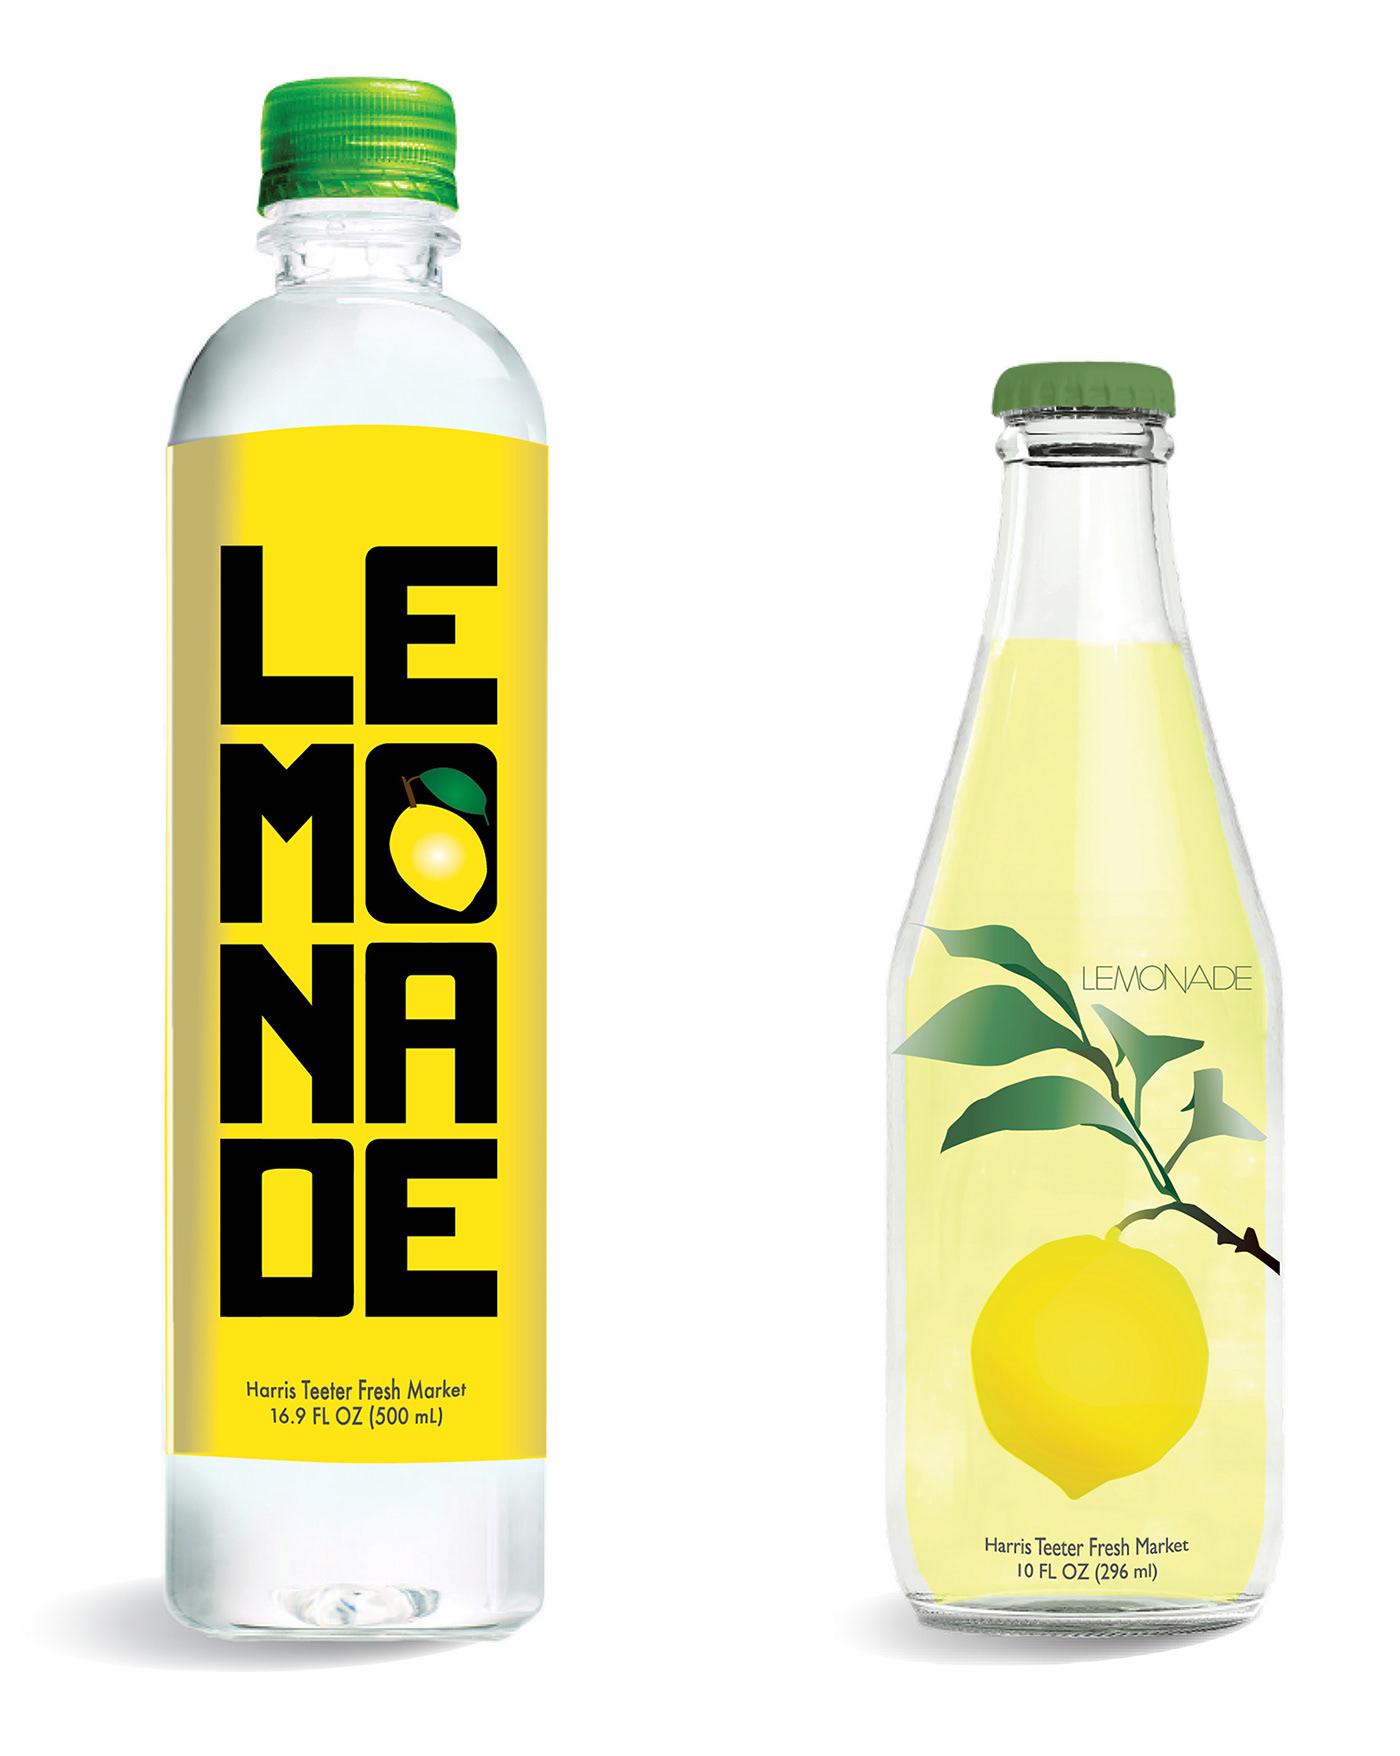 Labeling for Harris Teeter Lemonade on Behance